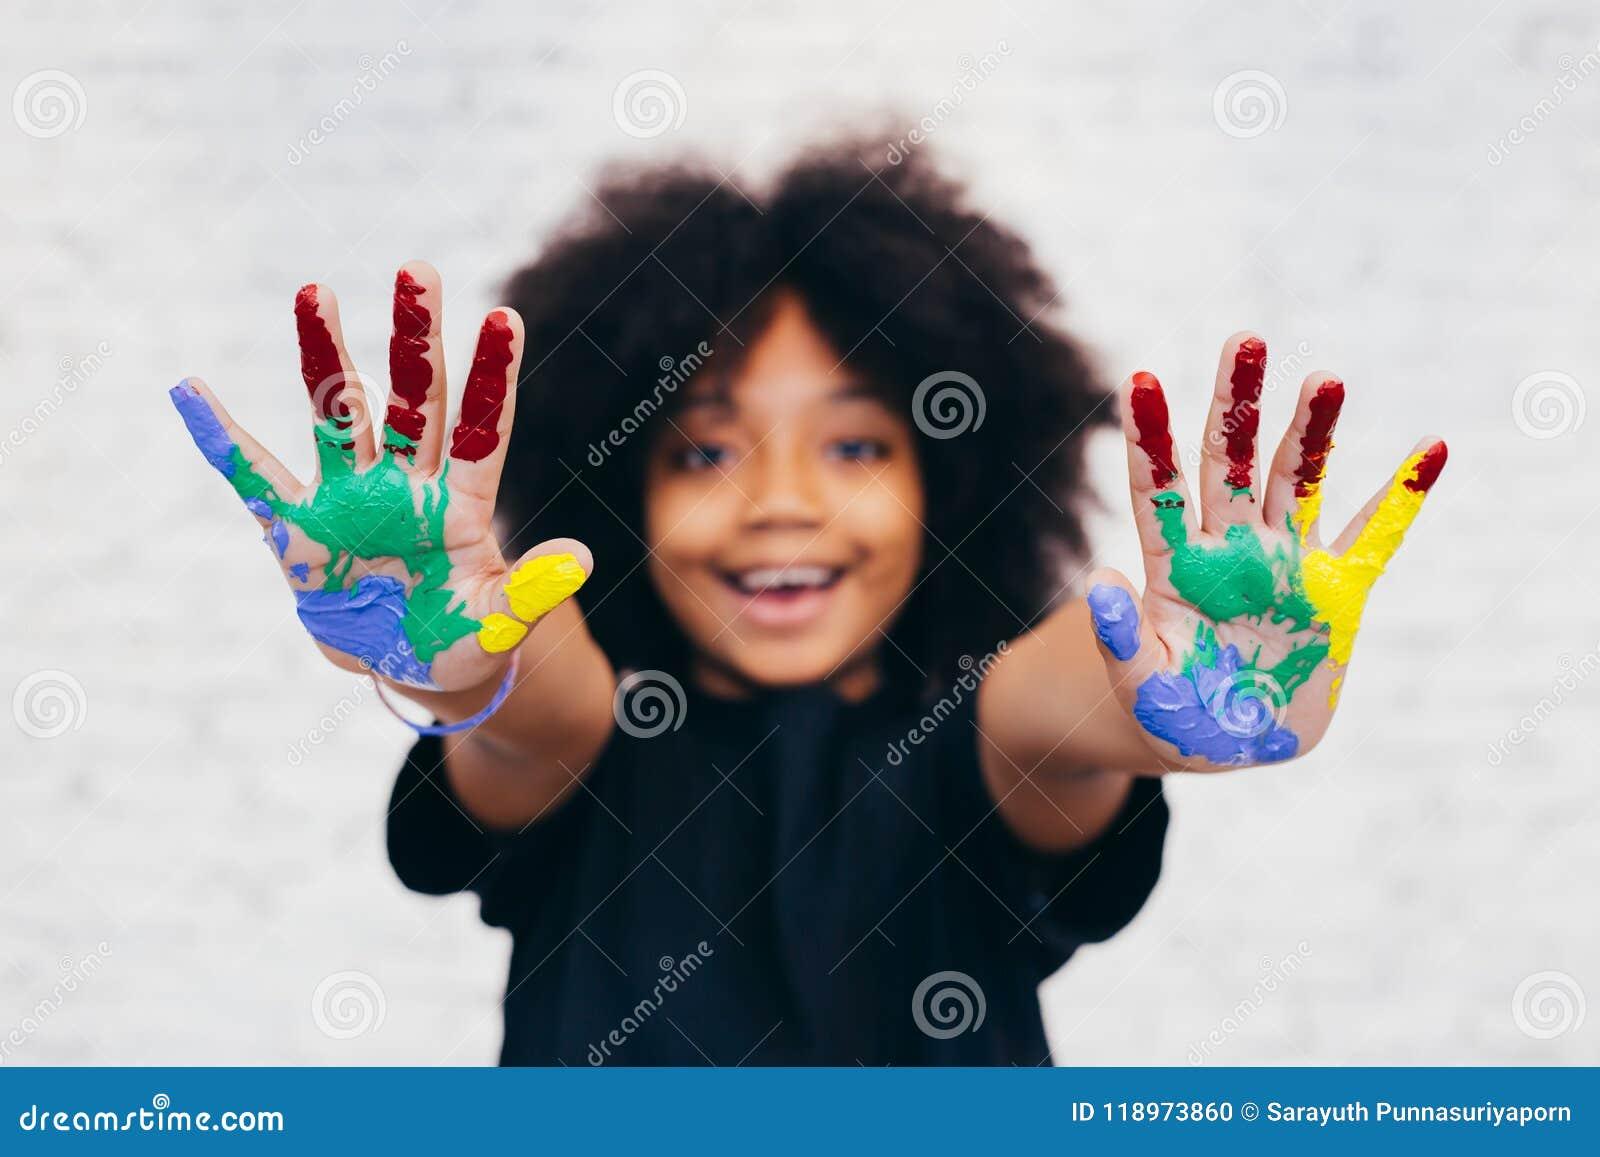 Afroamerikaner spielerisch und kreatives Kind, das Hände schmutzig mit vielen Farben erhält